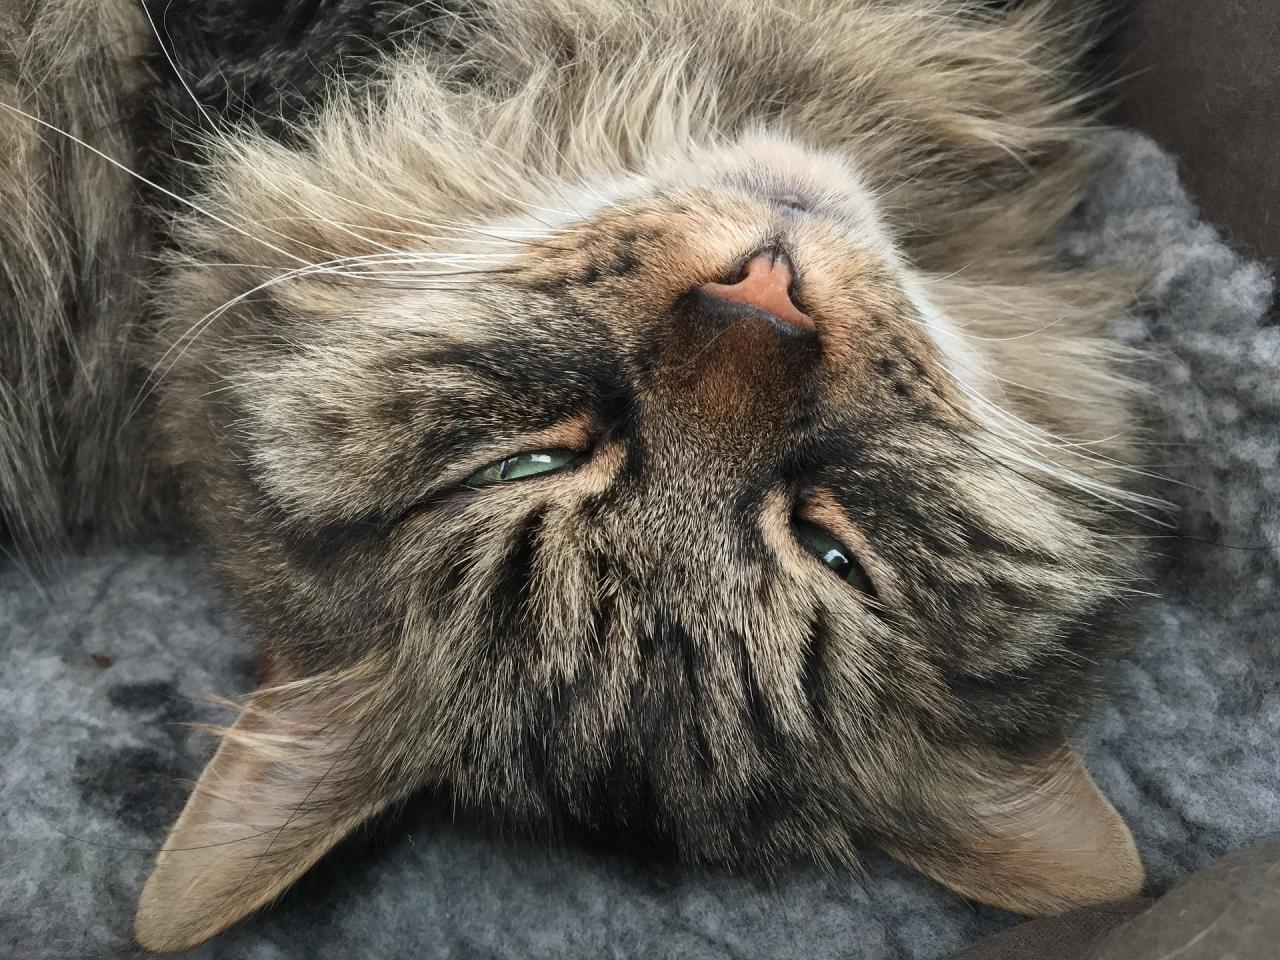 1280x960 wallpaper Siberian cat muzzle, furry, sleeping